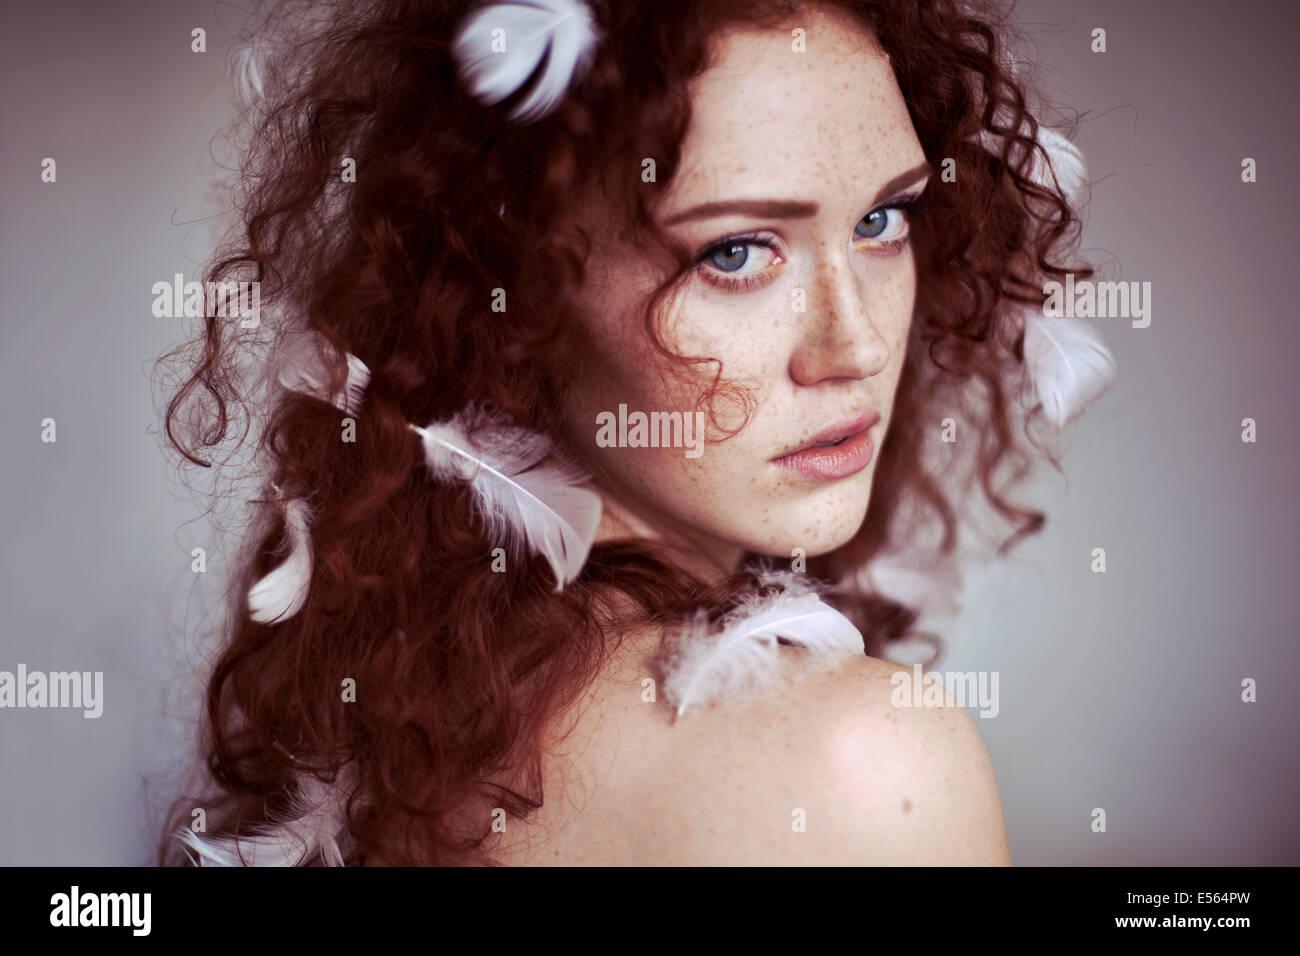 Mujer joven con plumas en su cabello Imagen De Stock